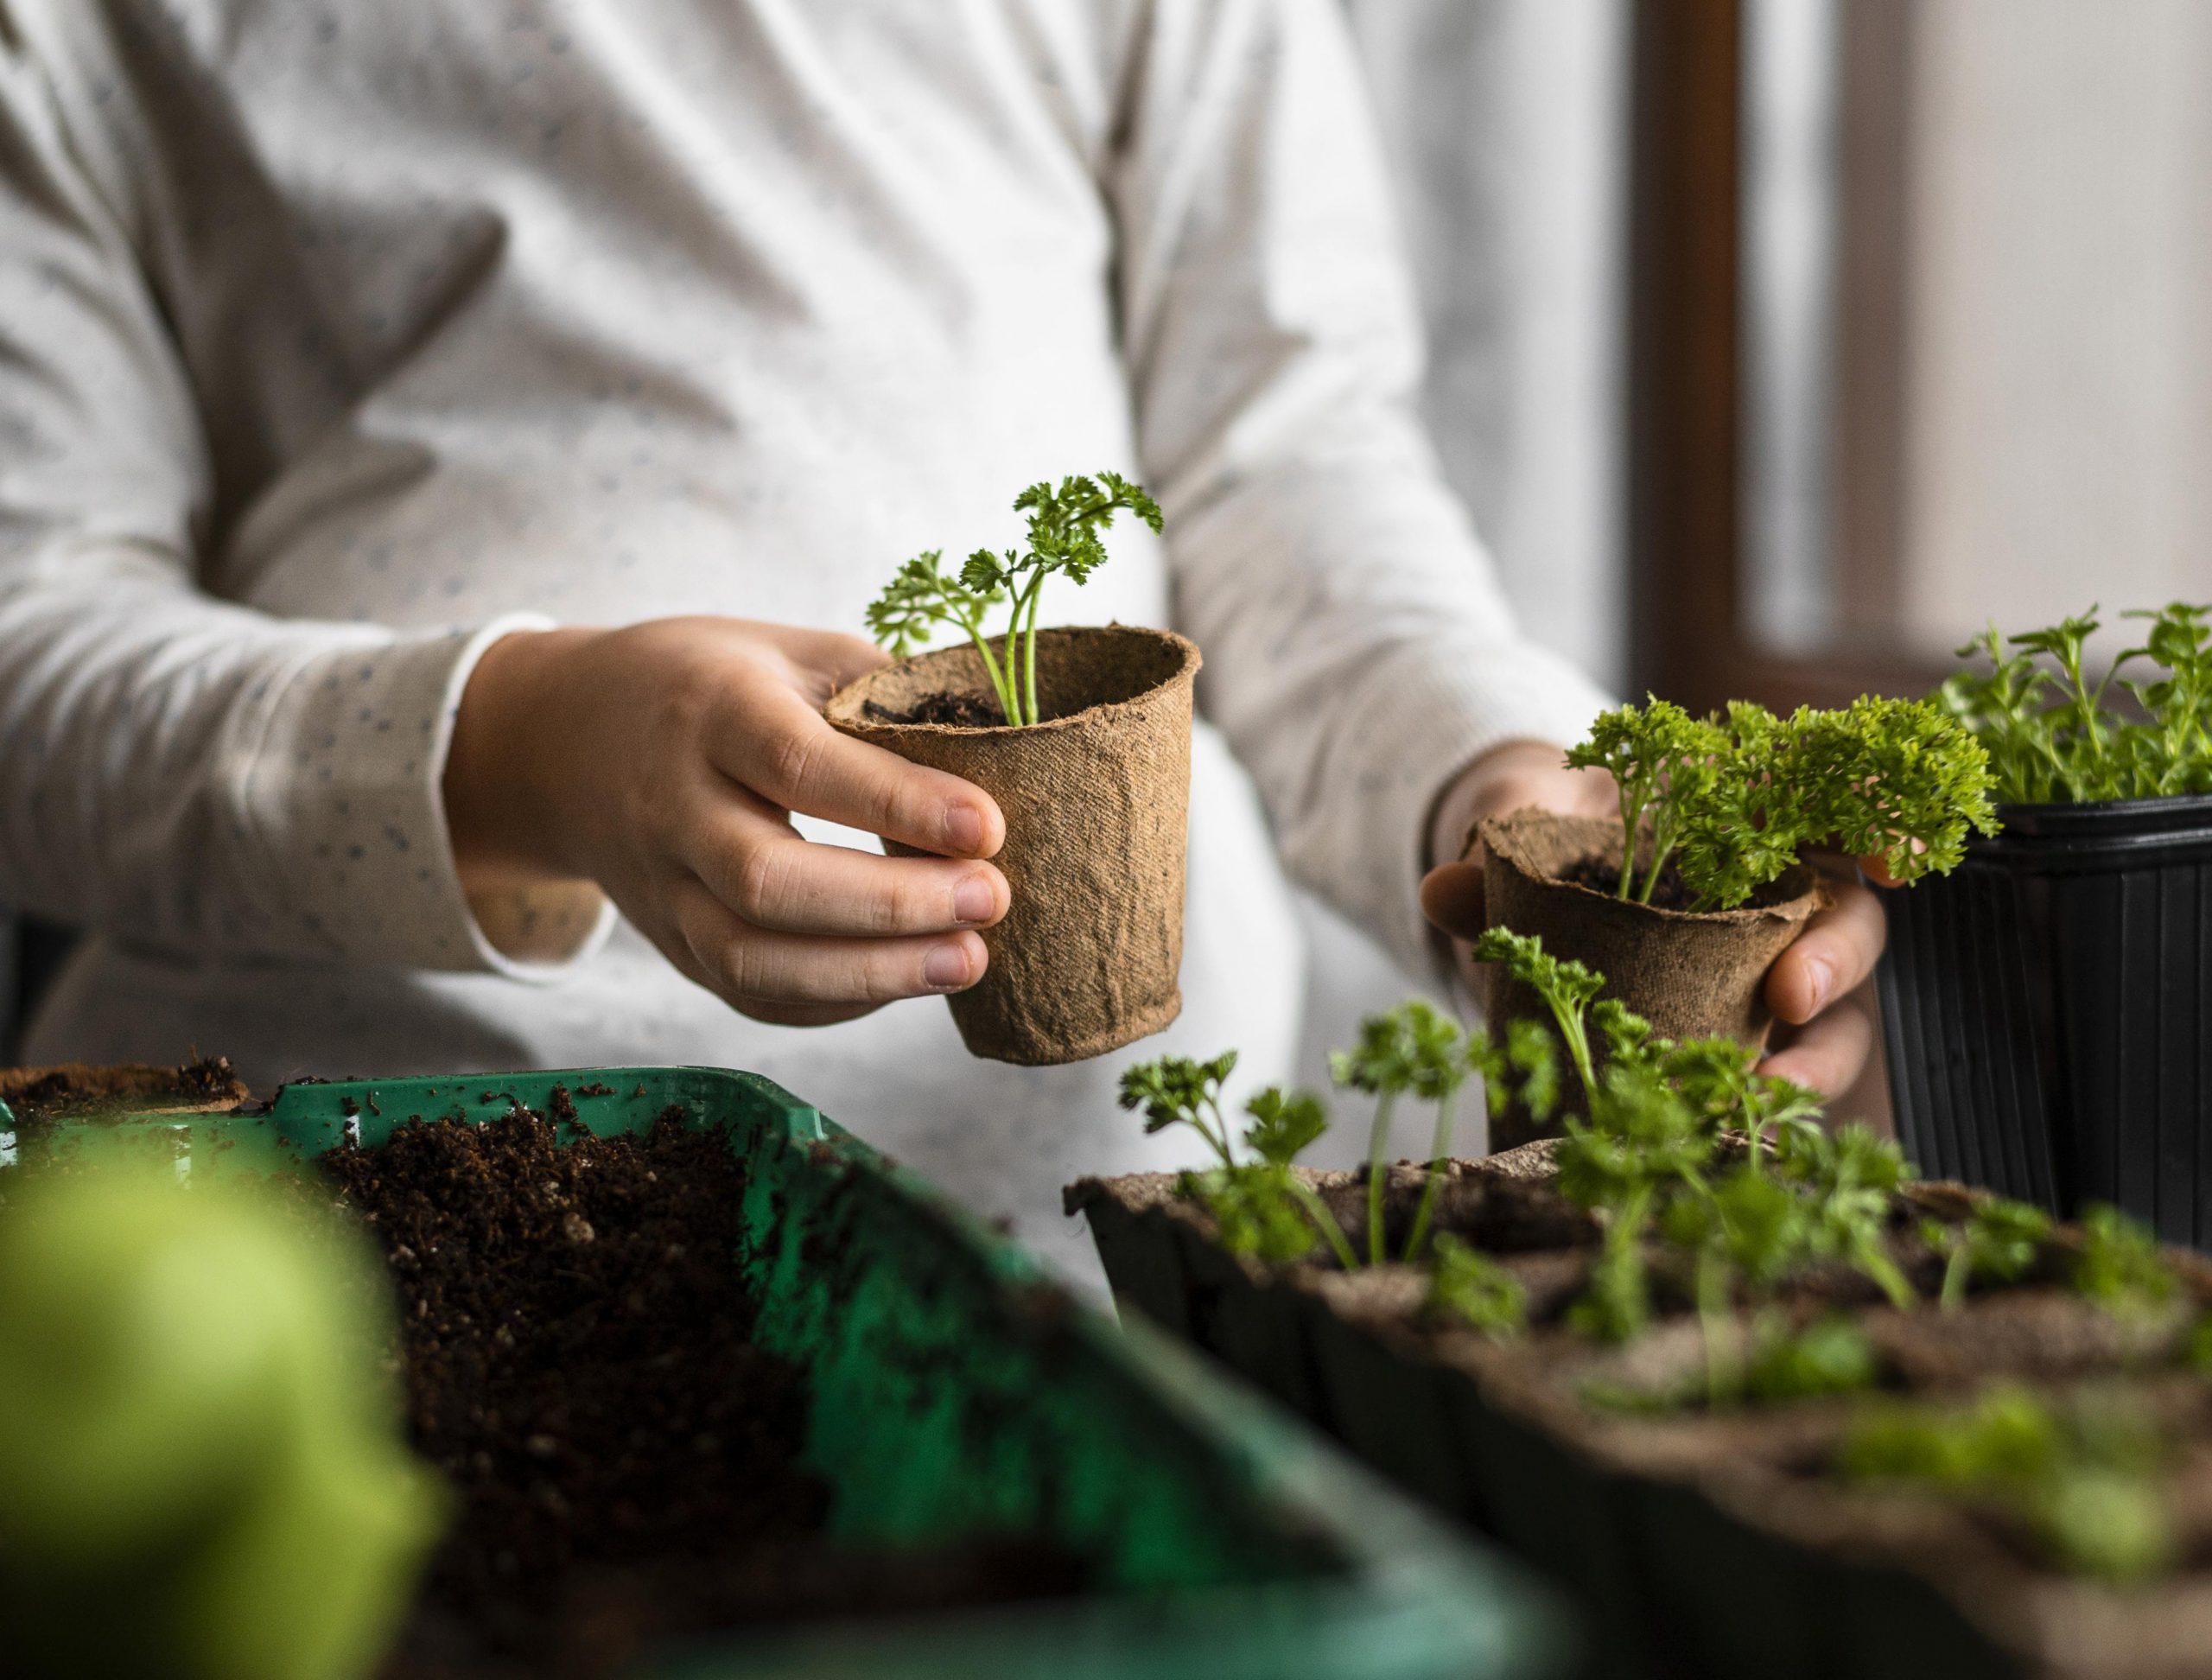 Jardinería: una labor familiar y un goce para los niños.